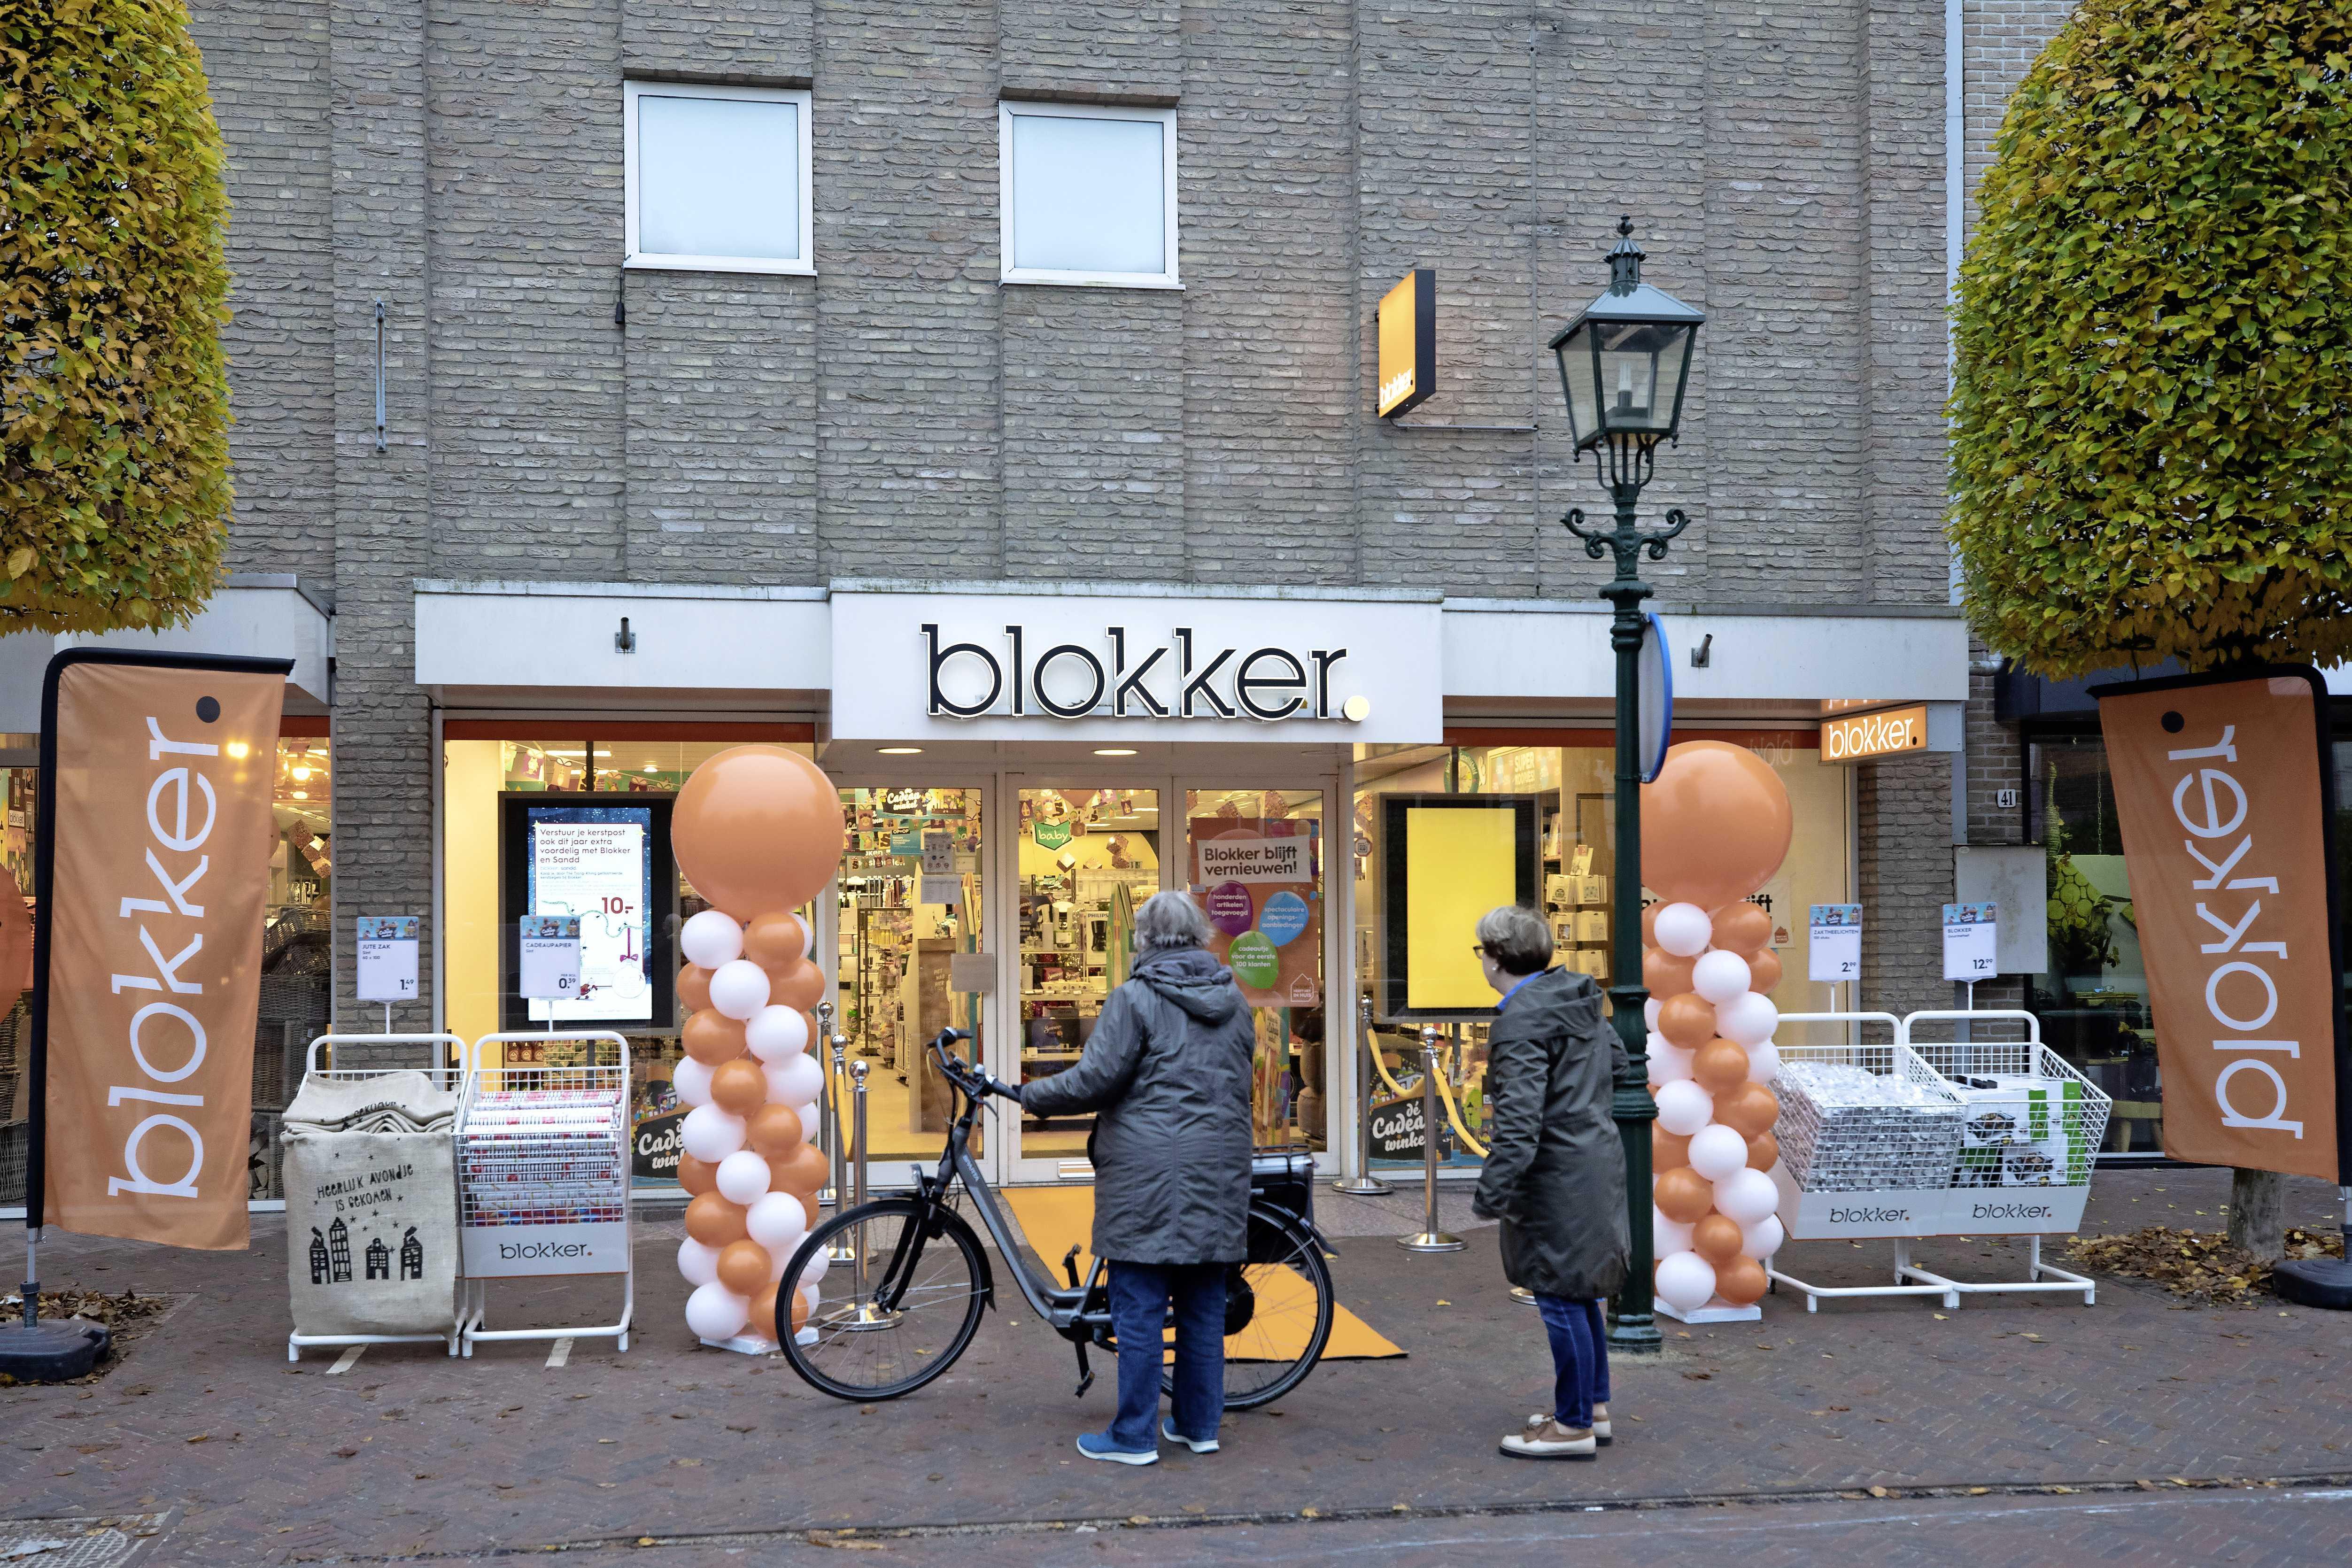 Blokker Actie Tuinmeubelen.Klanten Blokker Vechten Om Tuinset Bij Mega Korting Binnenland